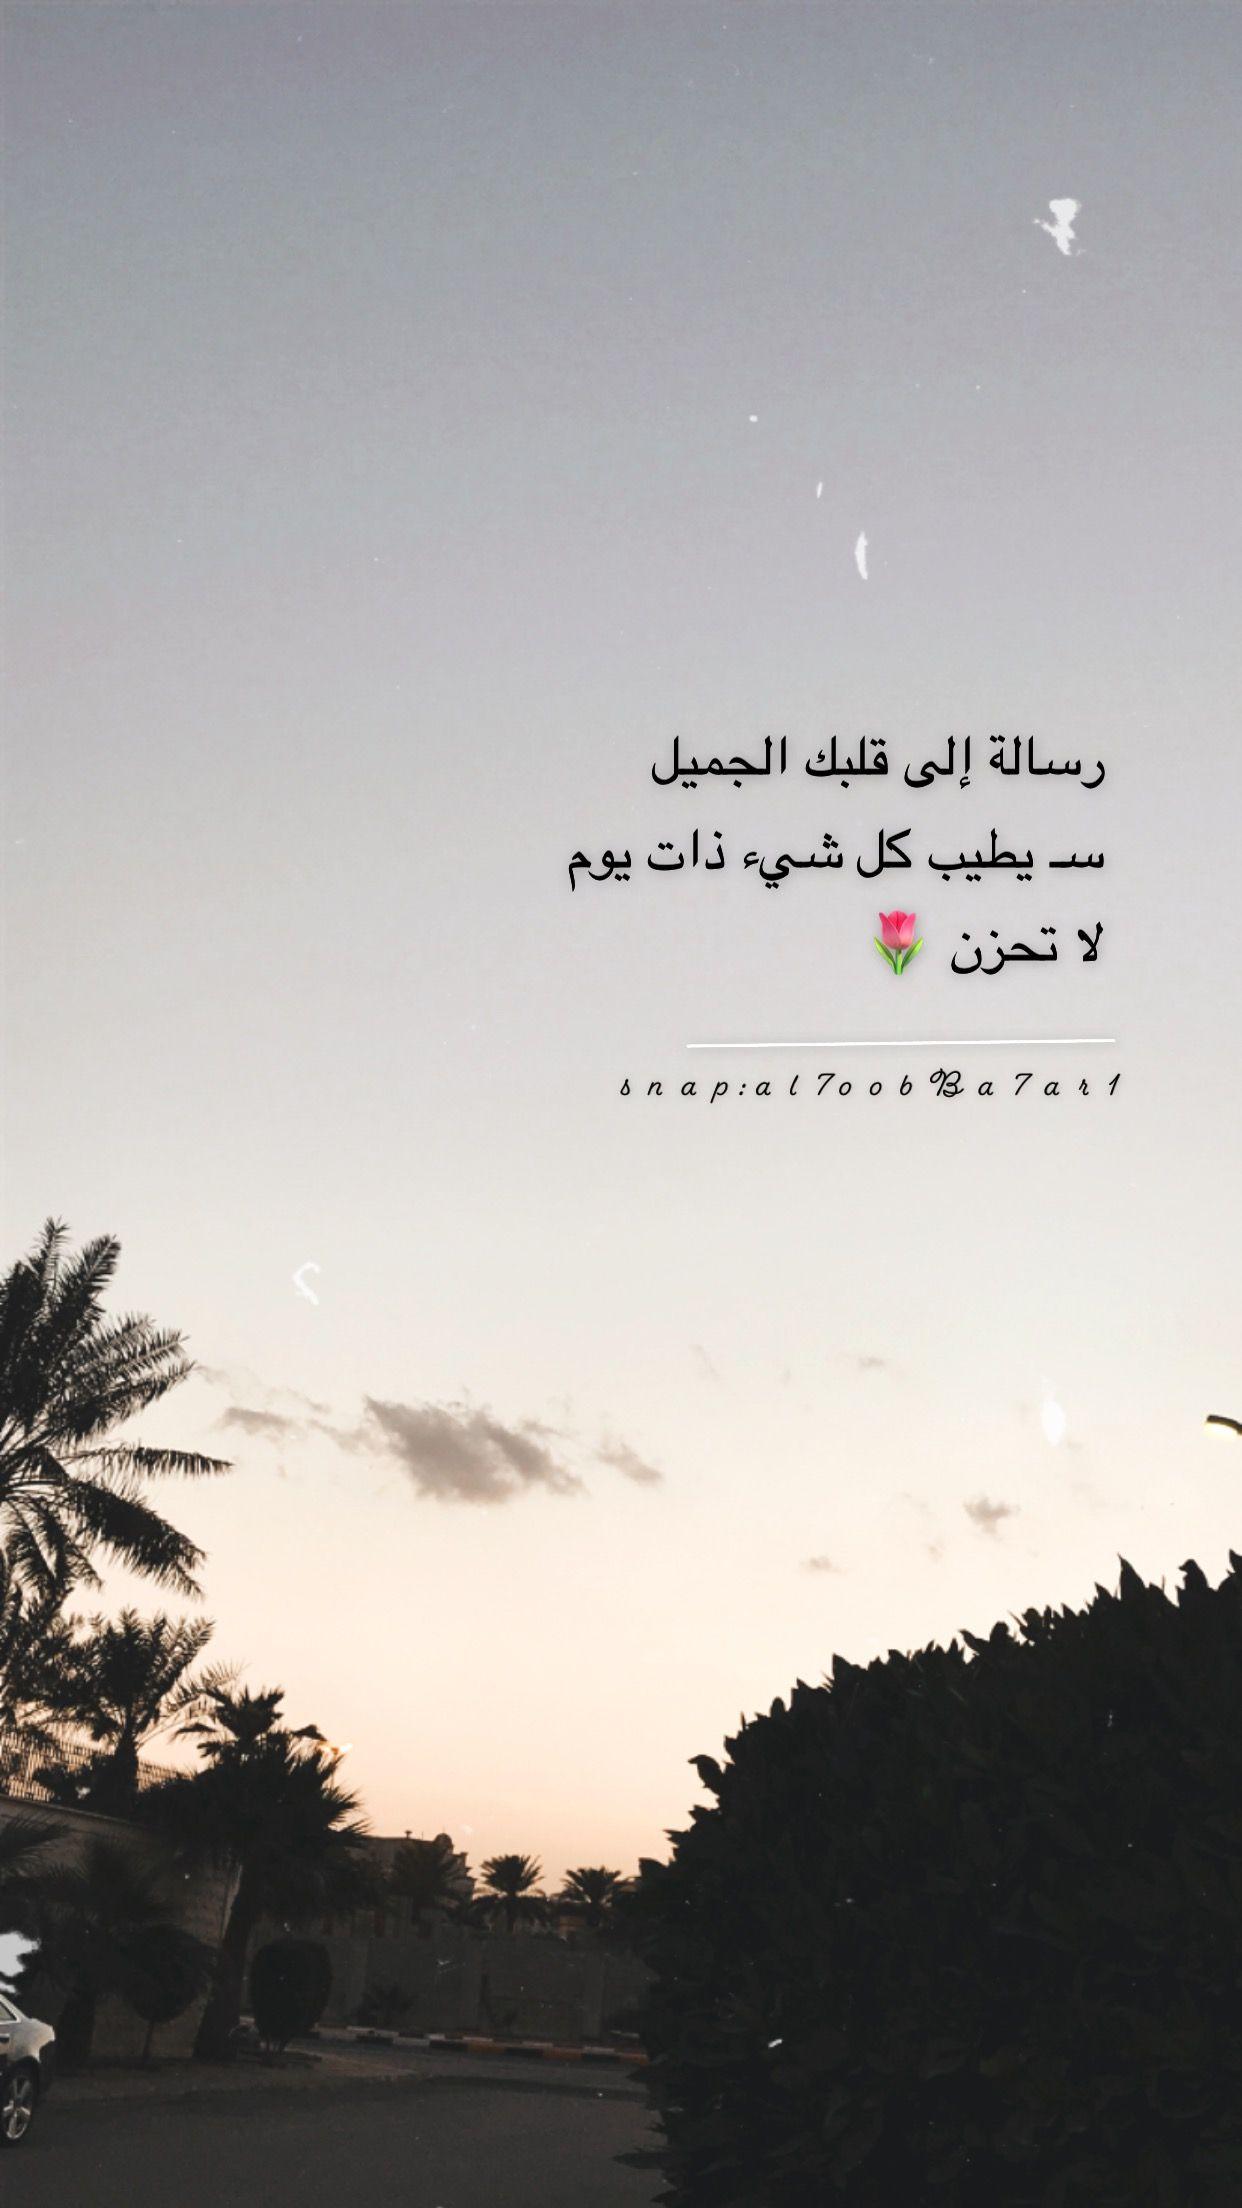 همسة رسالة إلى قلبك الجميل سـ يطيب كل شيء ذات يوم لا تحزن تصويري تصويري سناب تصميمي تصميم Best Quran Quotes Quran Quotes Arabic Quotes